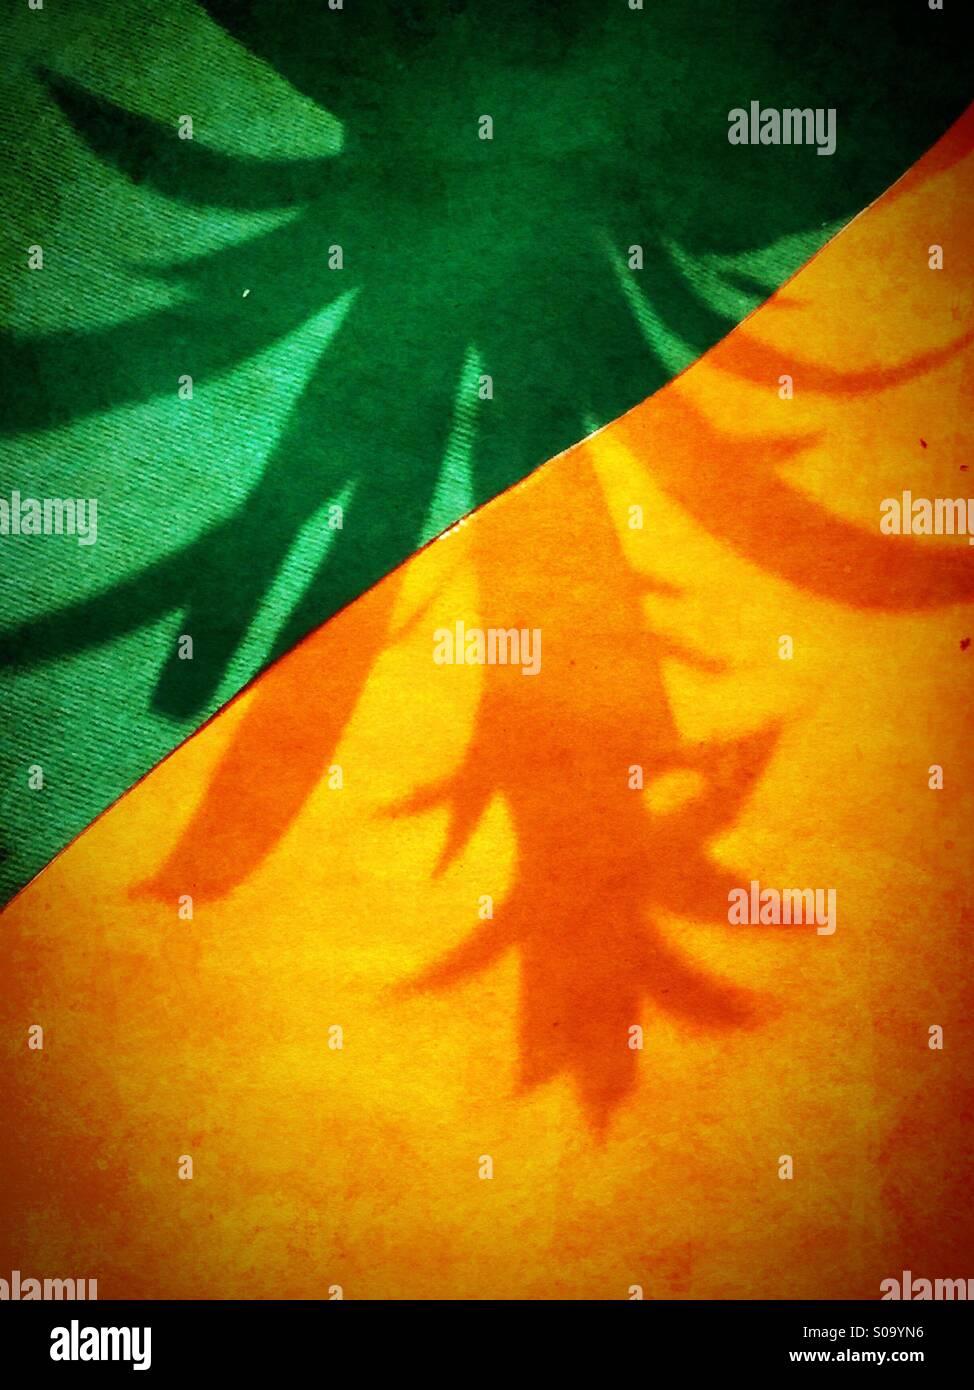 L'ombre d'un faux palmier sur un marbre coloré Photo Stock